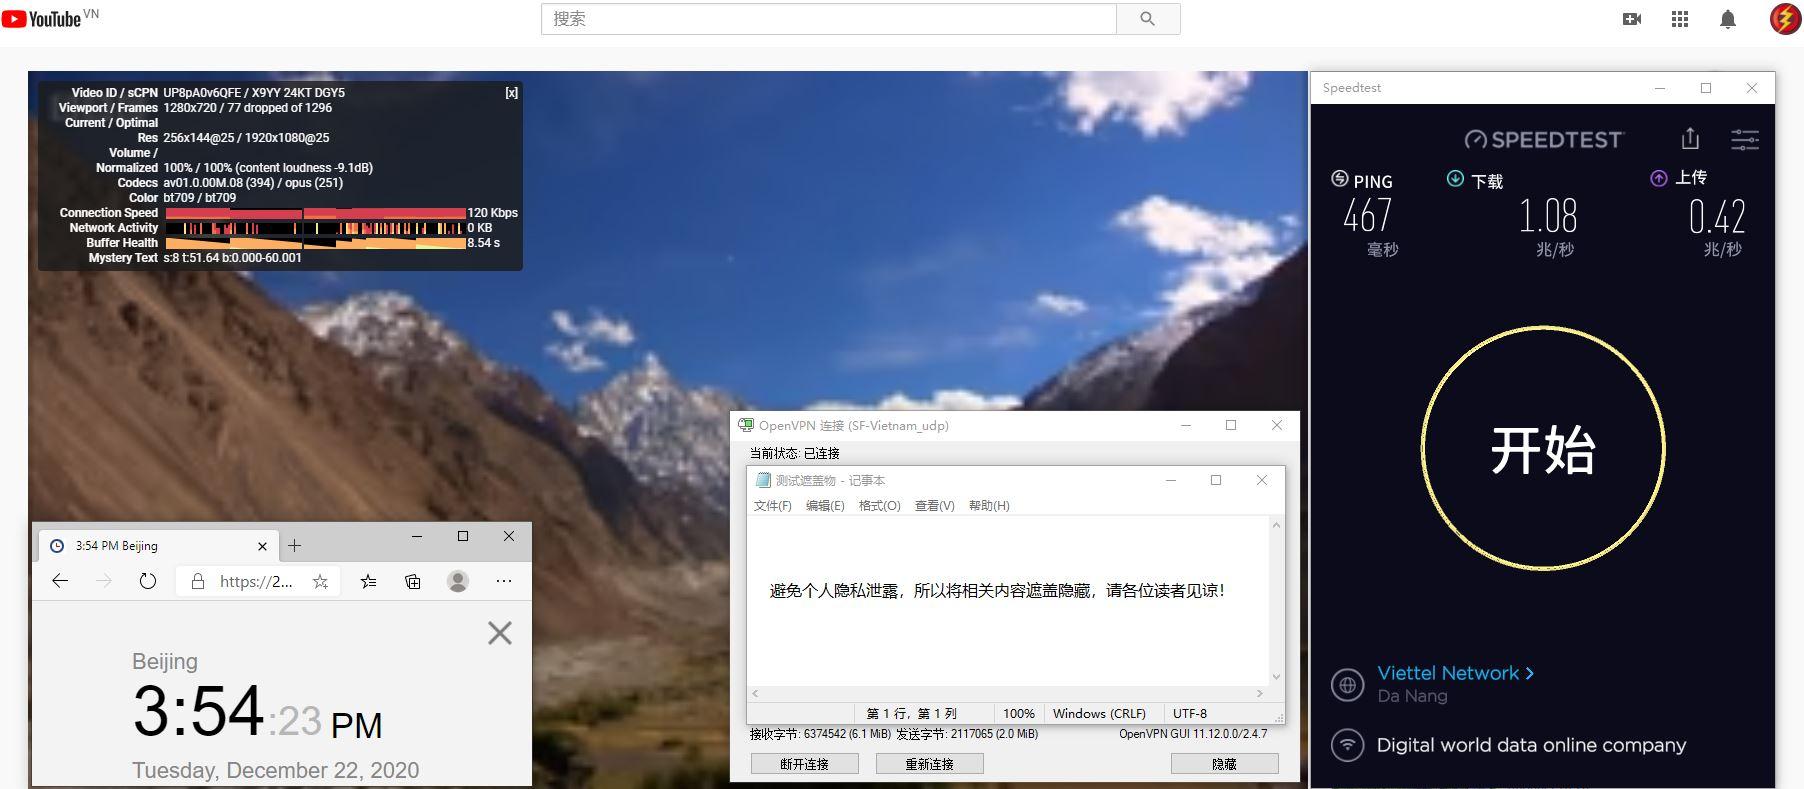 Windows10 SurfsharkVPN Vietnam 服务器 中国VPN 翻墙 科学上网 测试 - 20201222